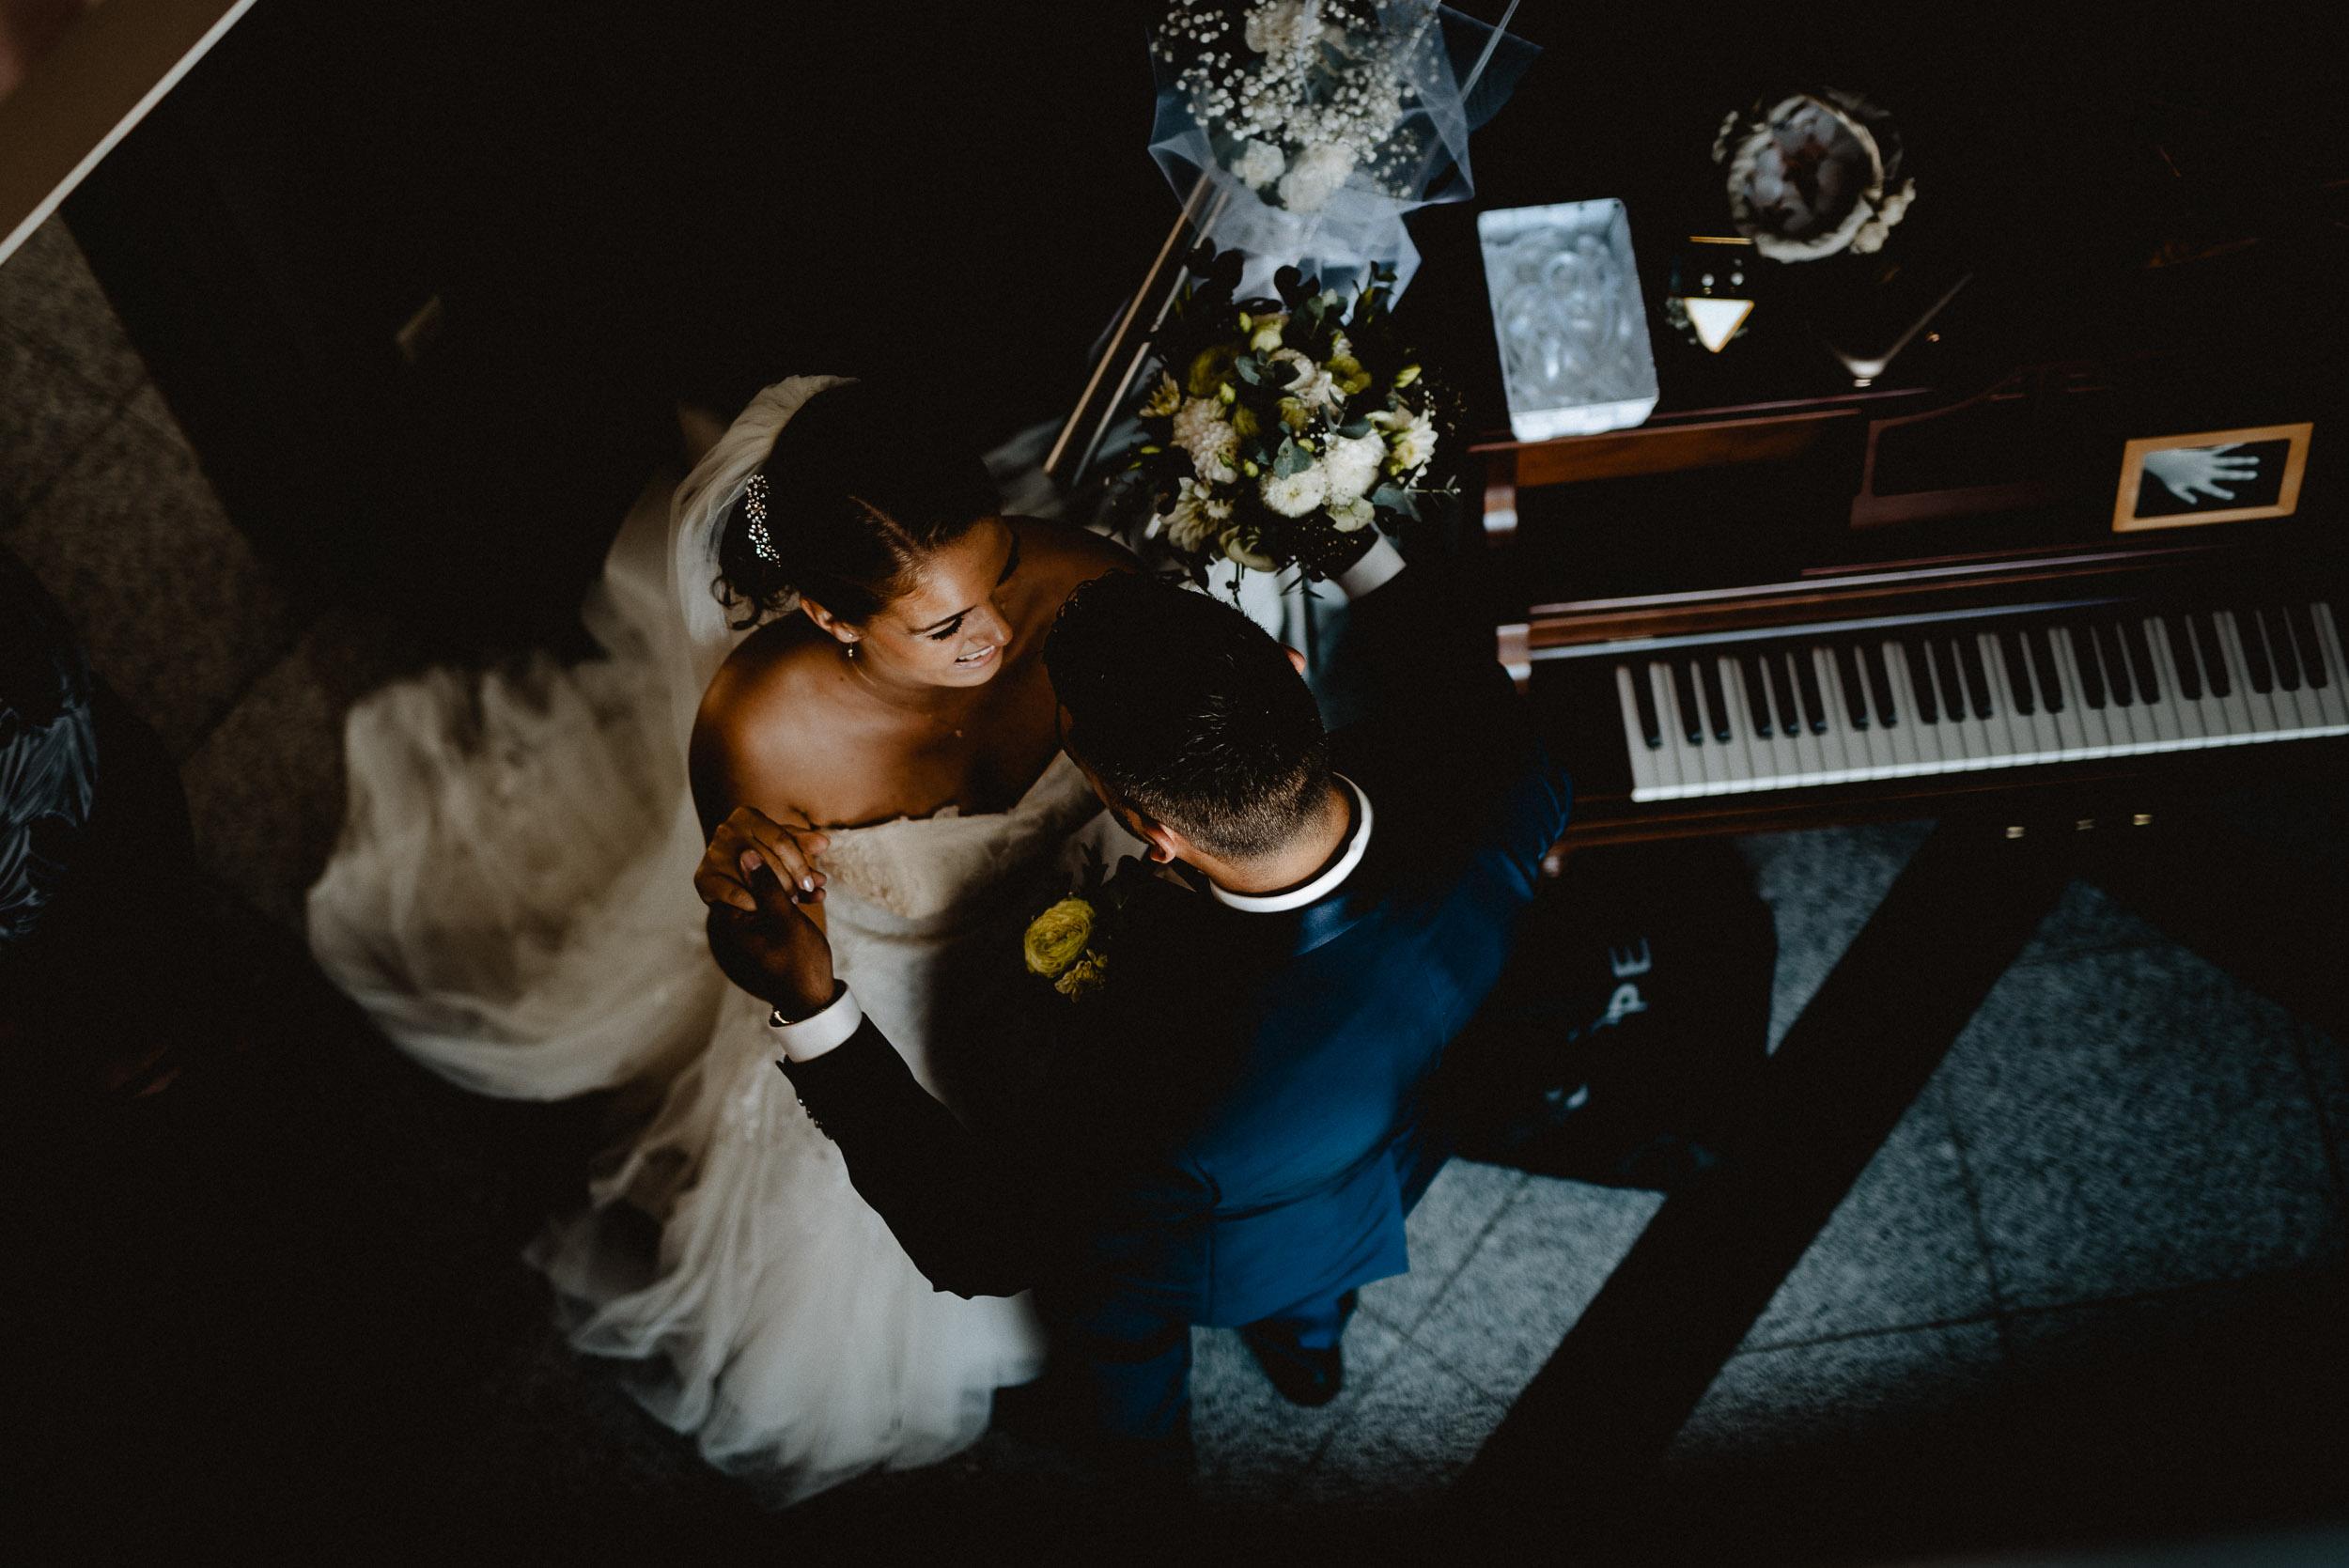 Hochzeitsfotograf-Köln-OhYeah-KlausSchwaiger-Hochzeitsreportage-Belgien-LauraNicolas-banner-1.jpg